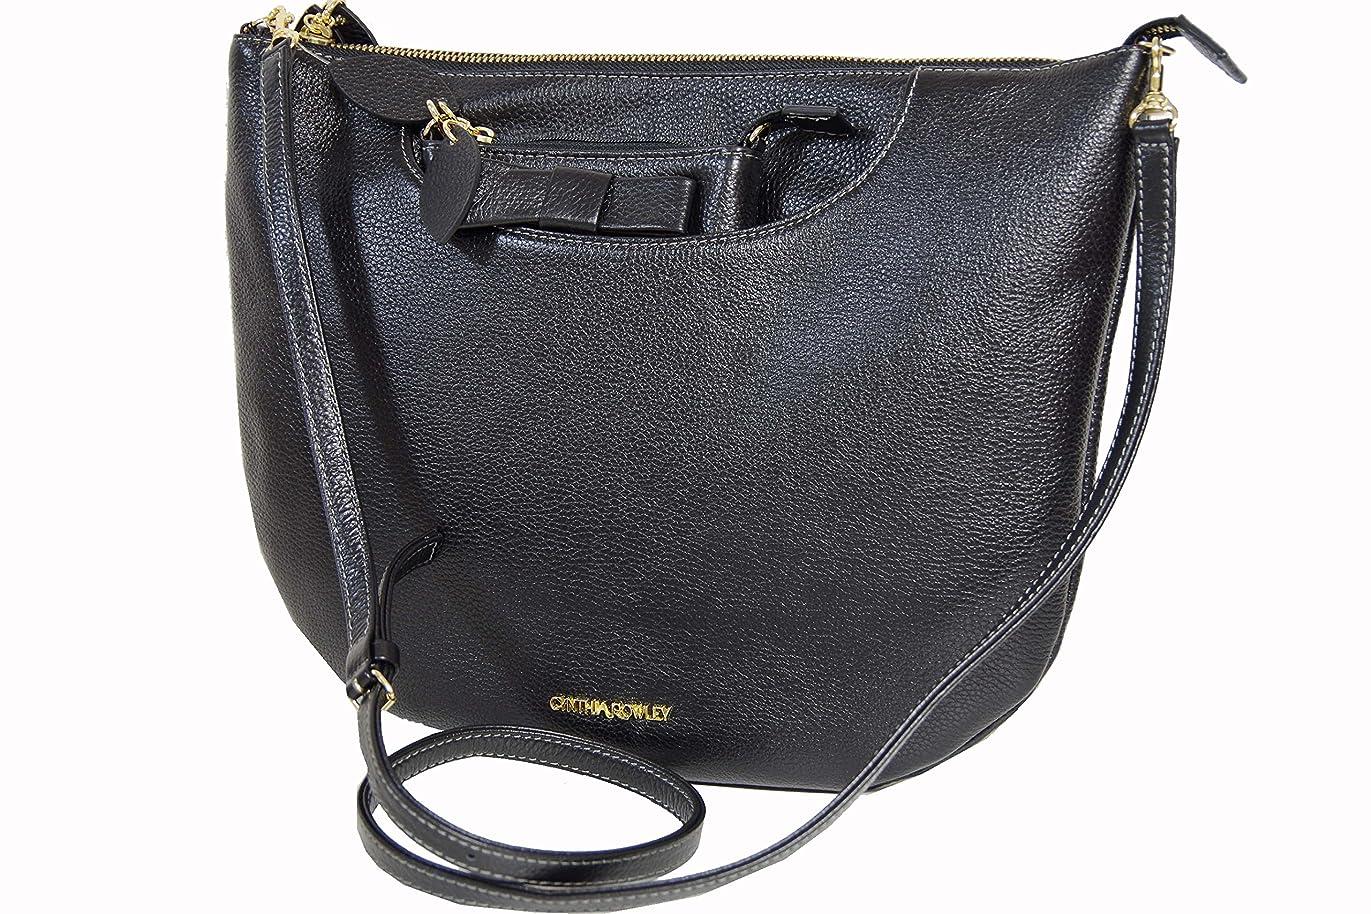 固有の汚い好むシンシアローリー CYNTHIA ROWLEY バッグ B03110 ブラック 小バッグ付 新品正規品